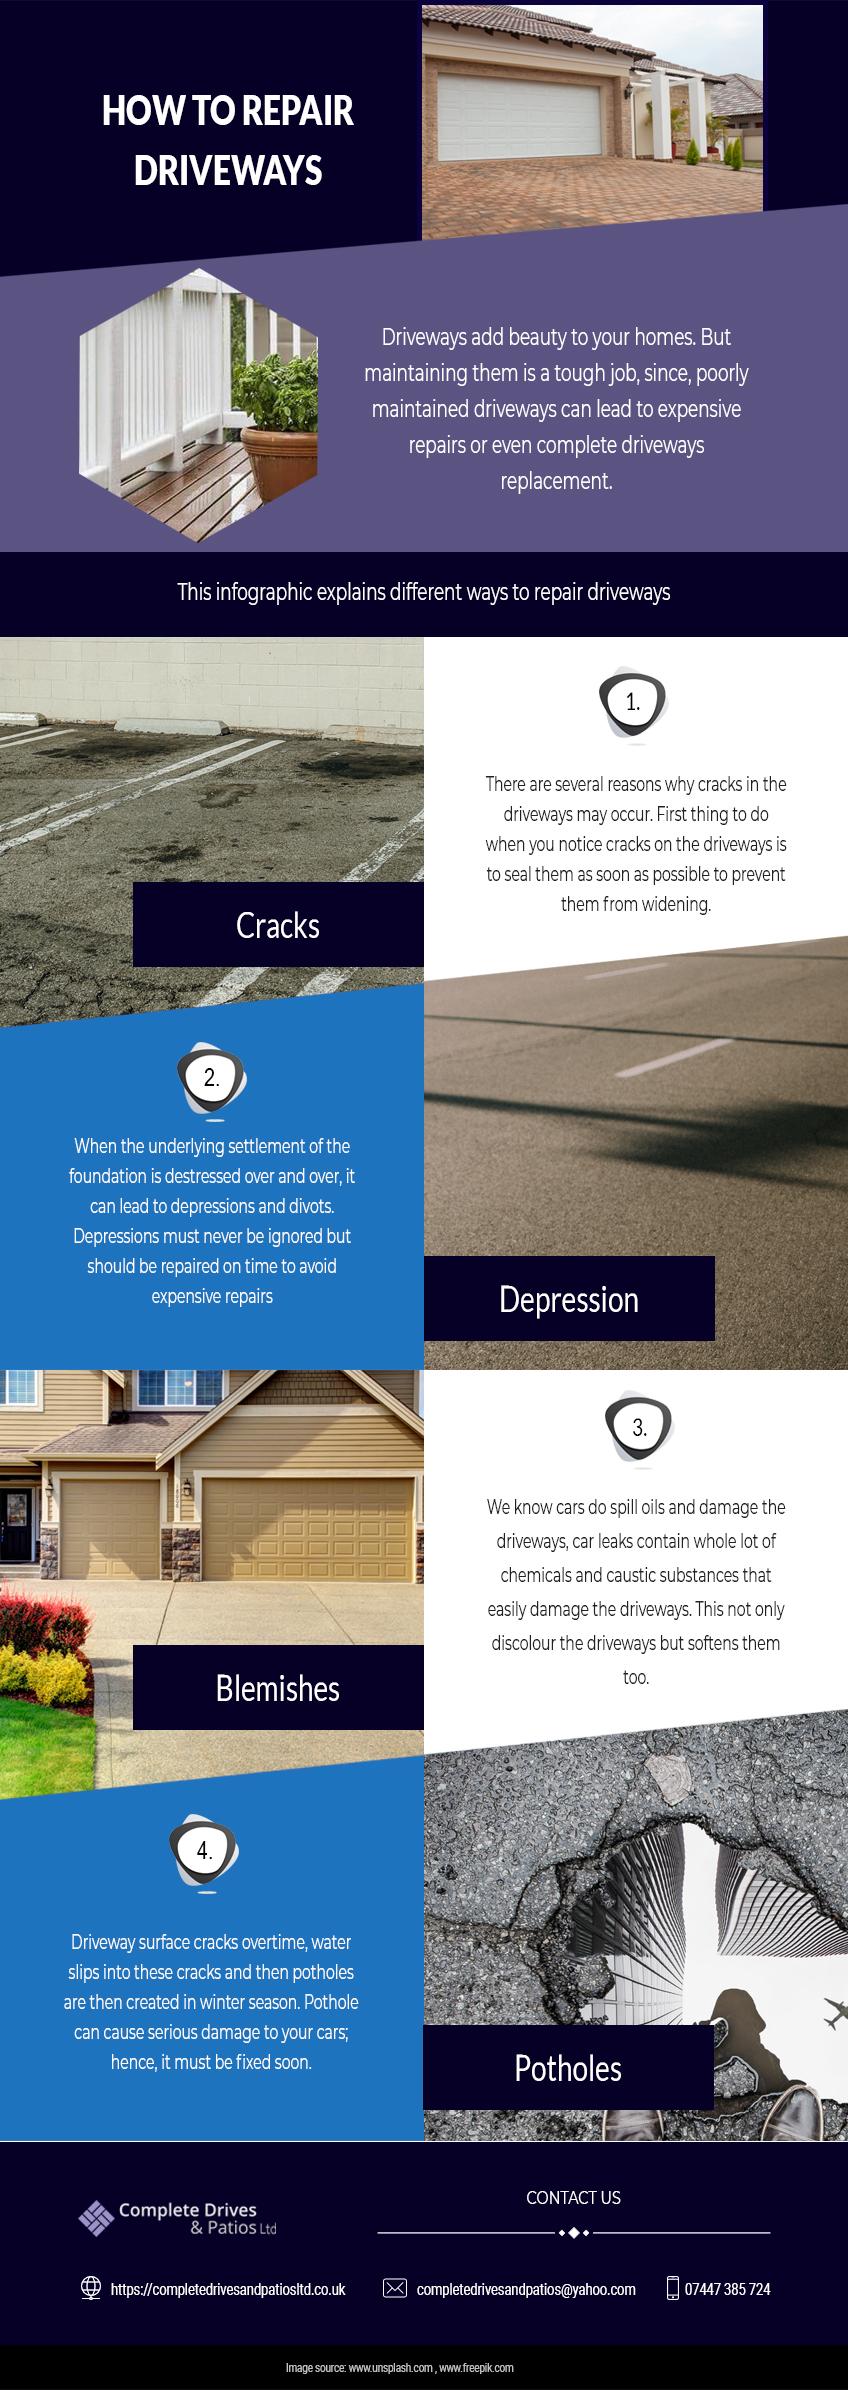 how to repair driveway